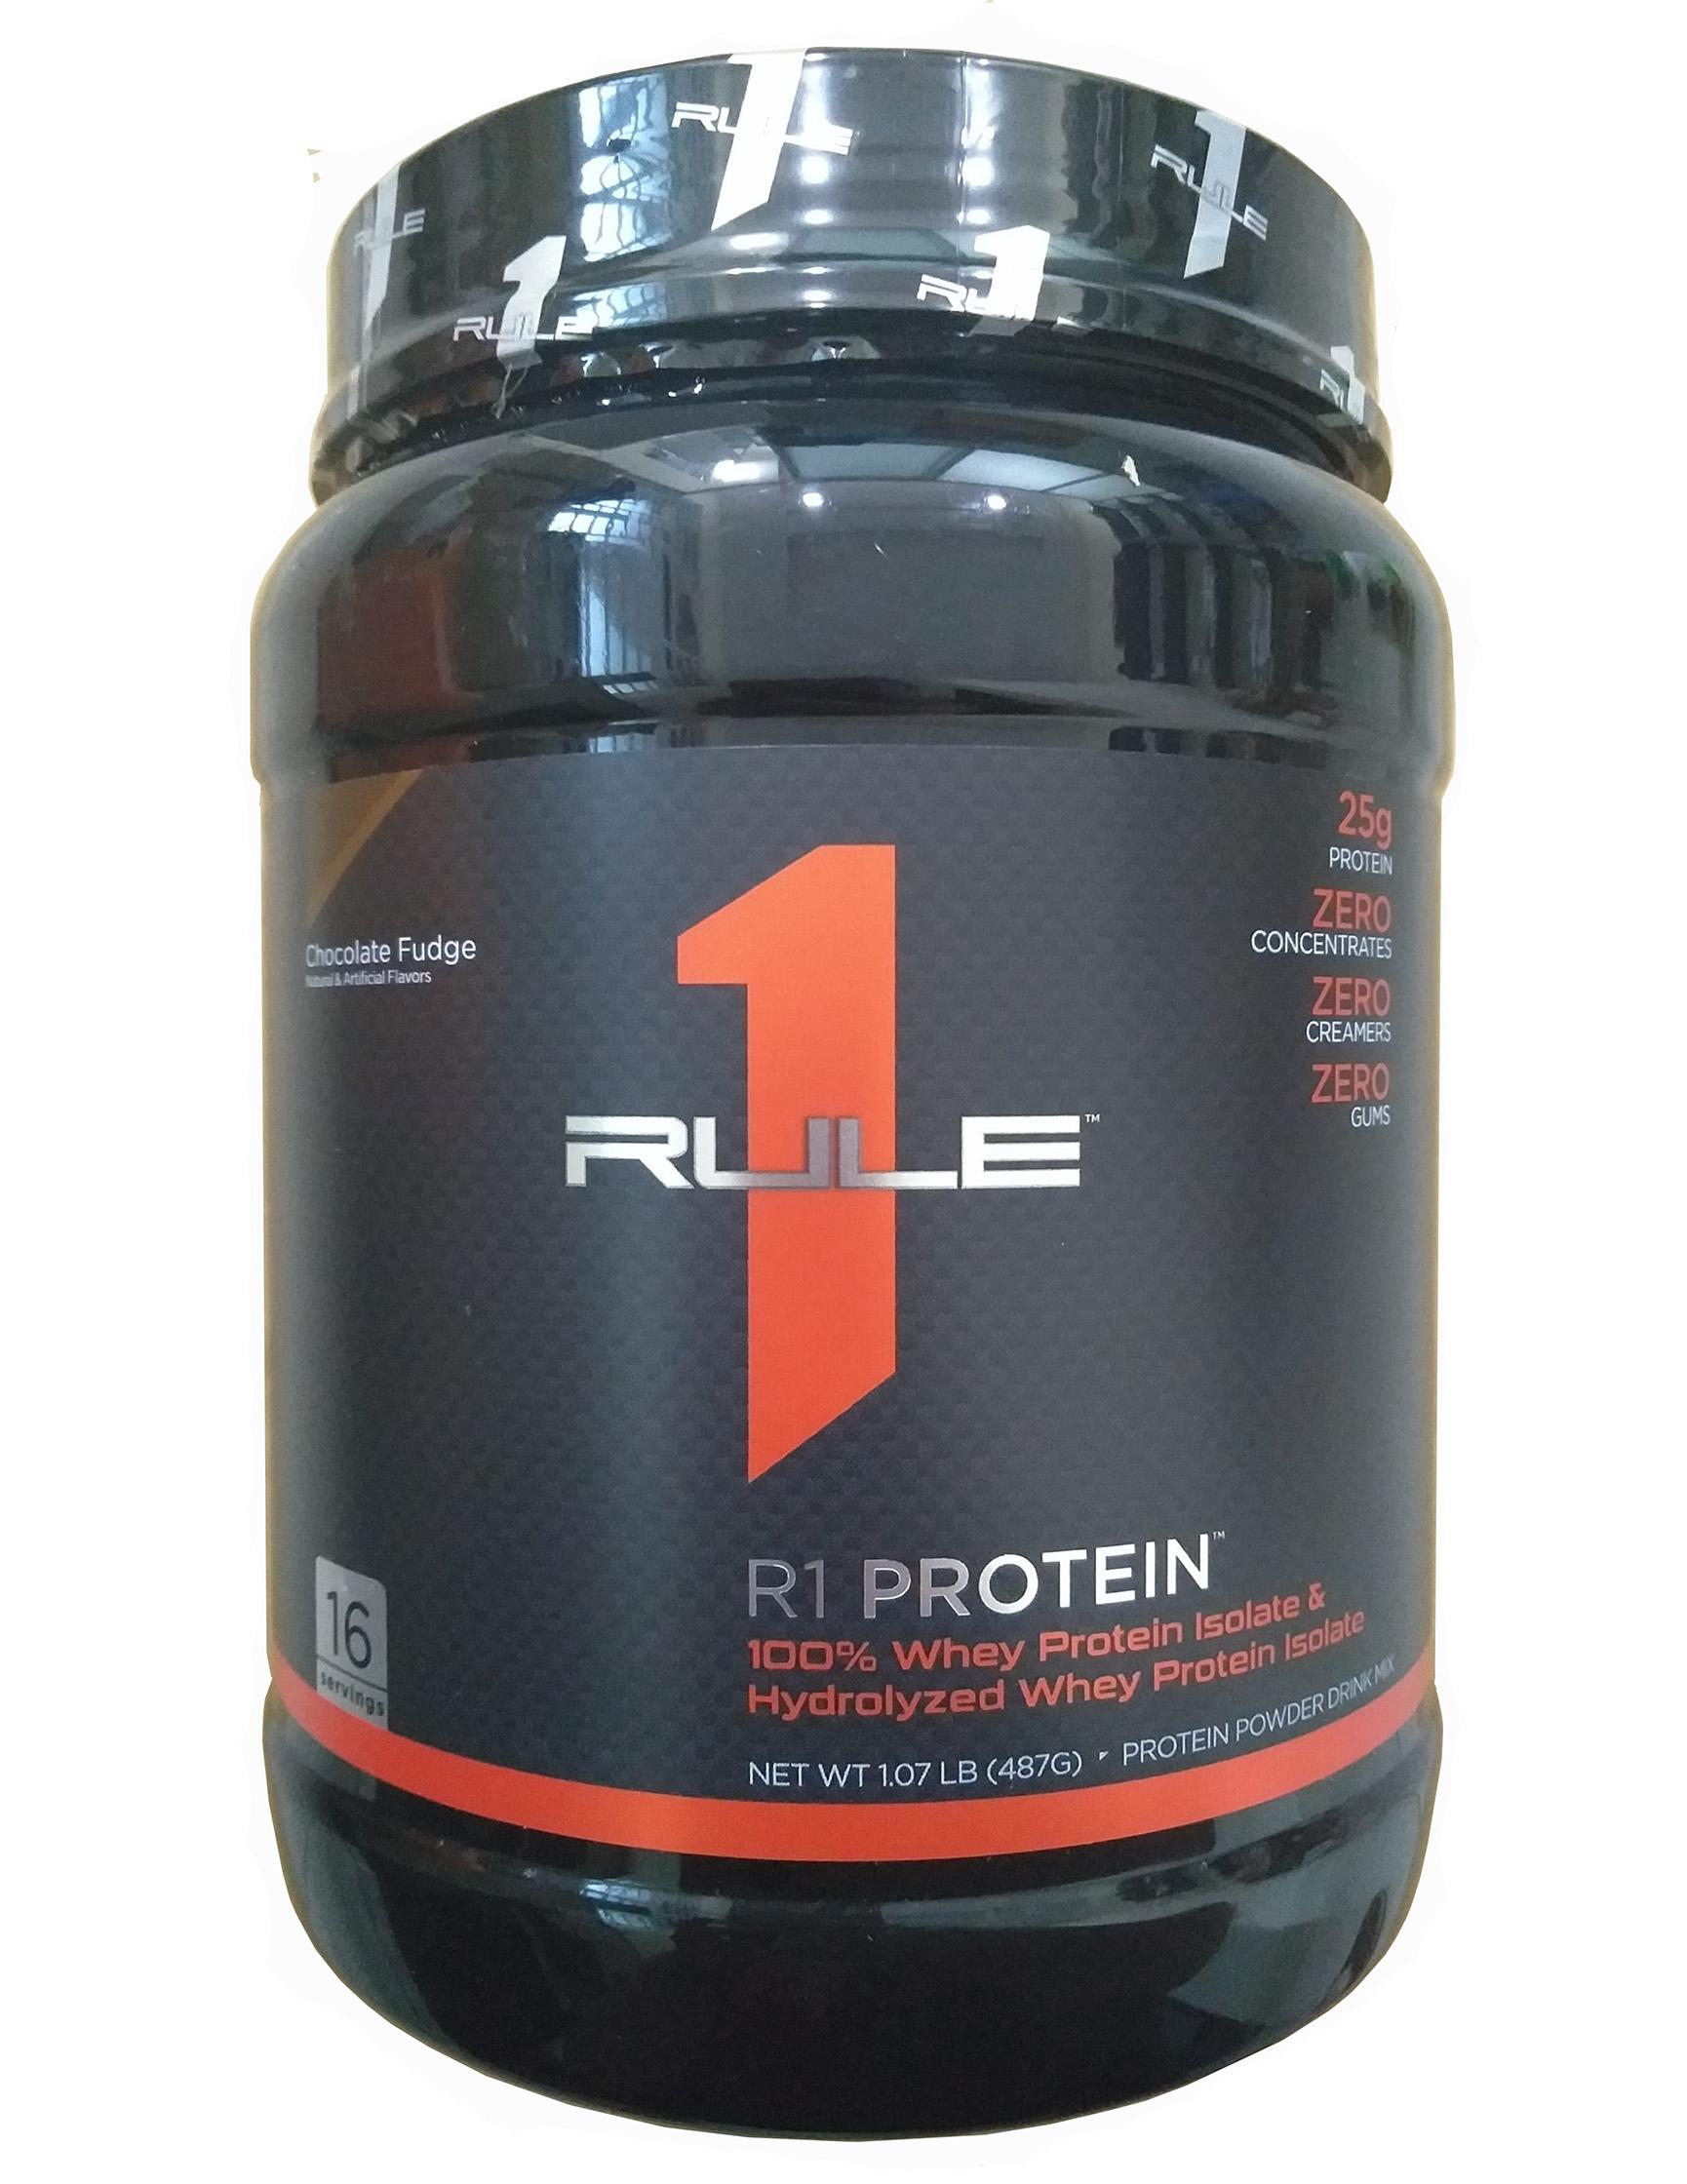 Bột Rule 1 R1 Protein 1.06 LBS 16 Servings nhập khẩu Mỹ hương socola